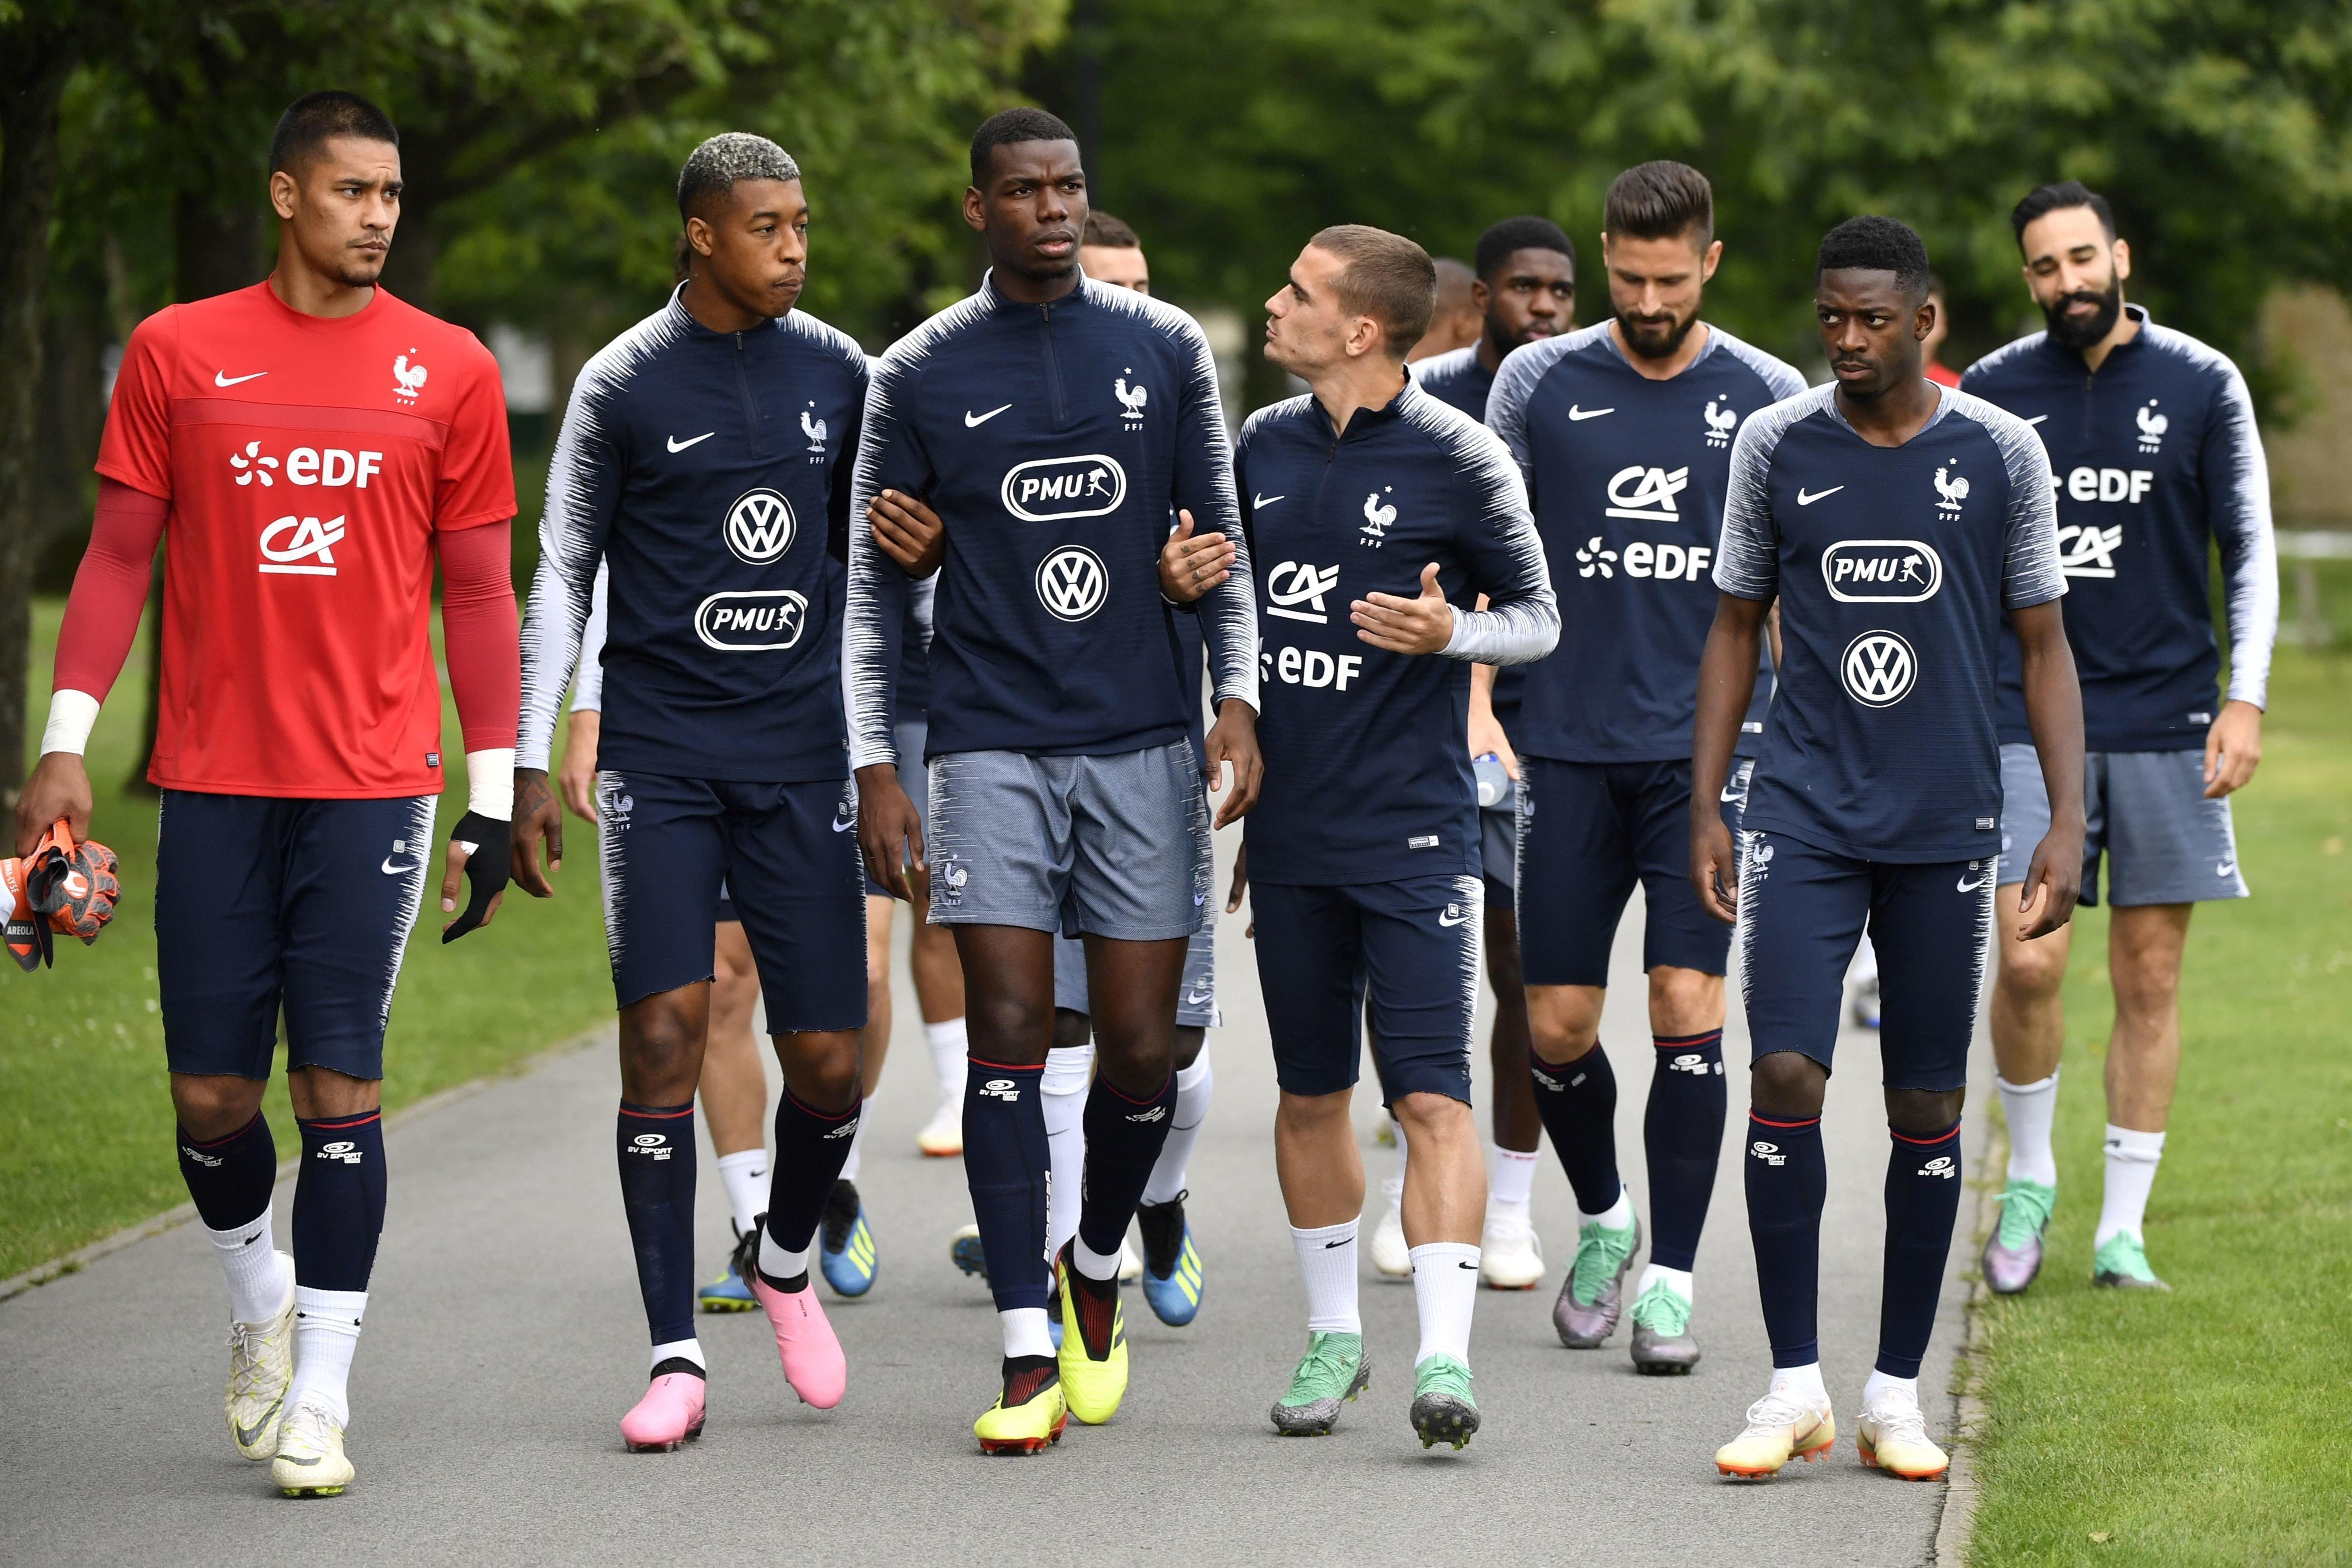 L'équipe de France sera la principale cible du racisme à la Coupe du monde selon cet expert